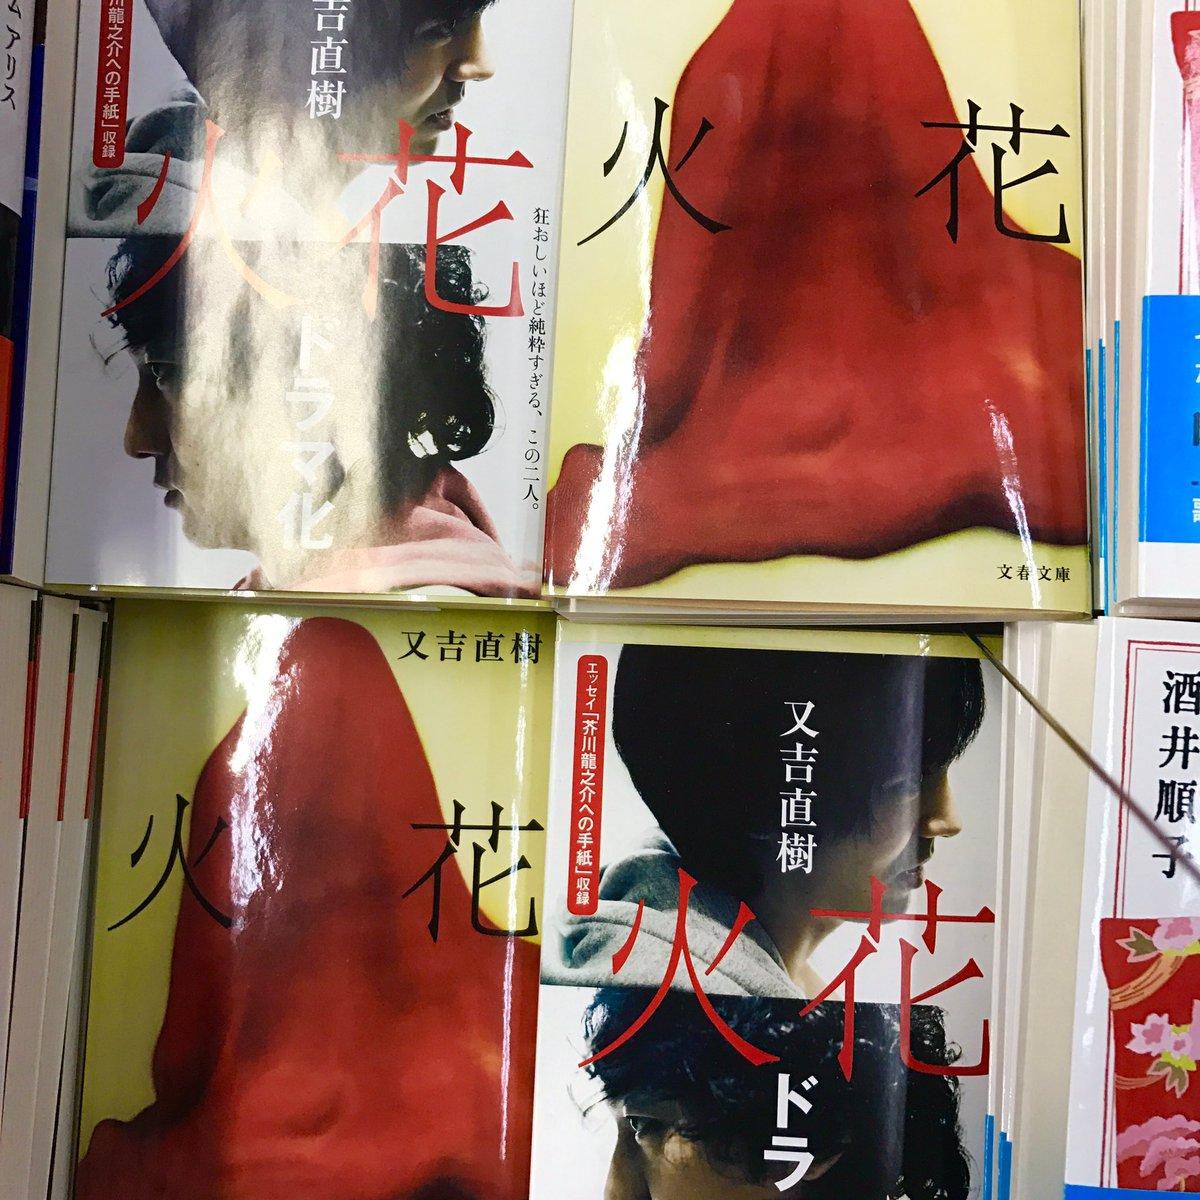 文春文庫から「火花」が発売して数日。あまり伸びない売り上げに…全面帯が良くないんじゃない?と思い立ち…